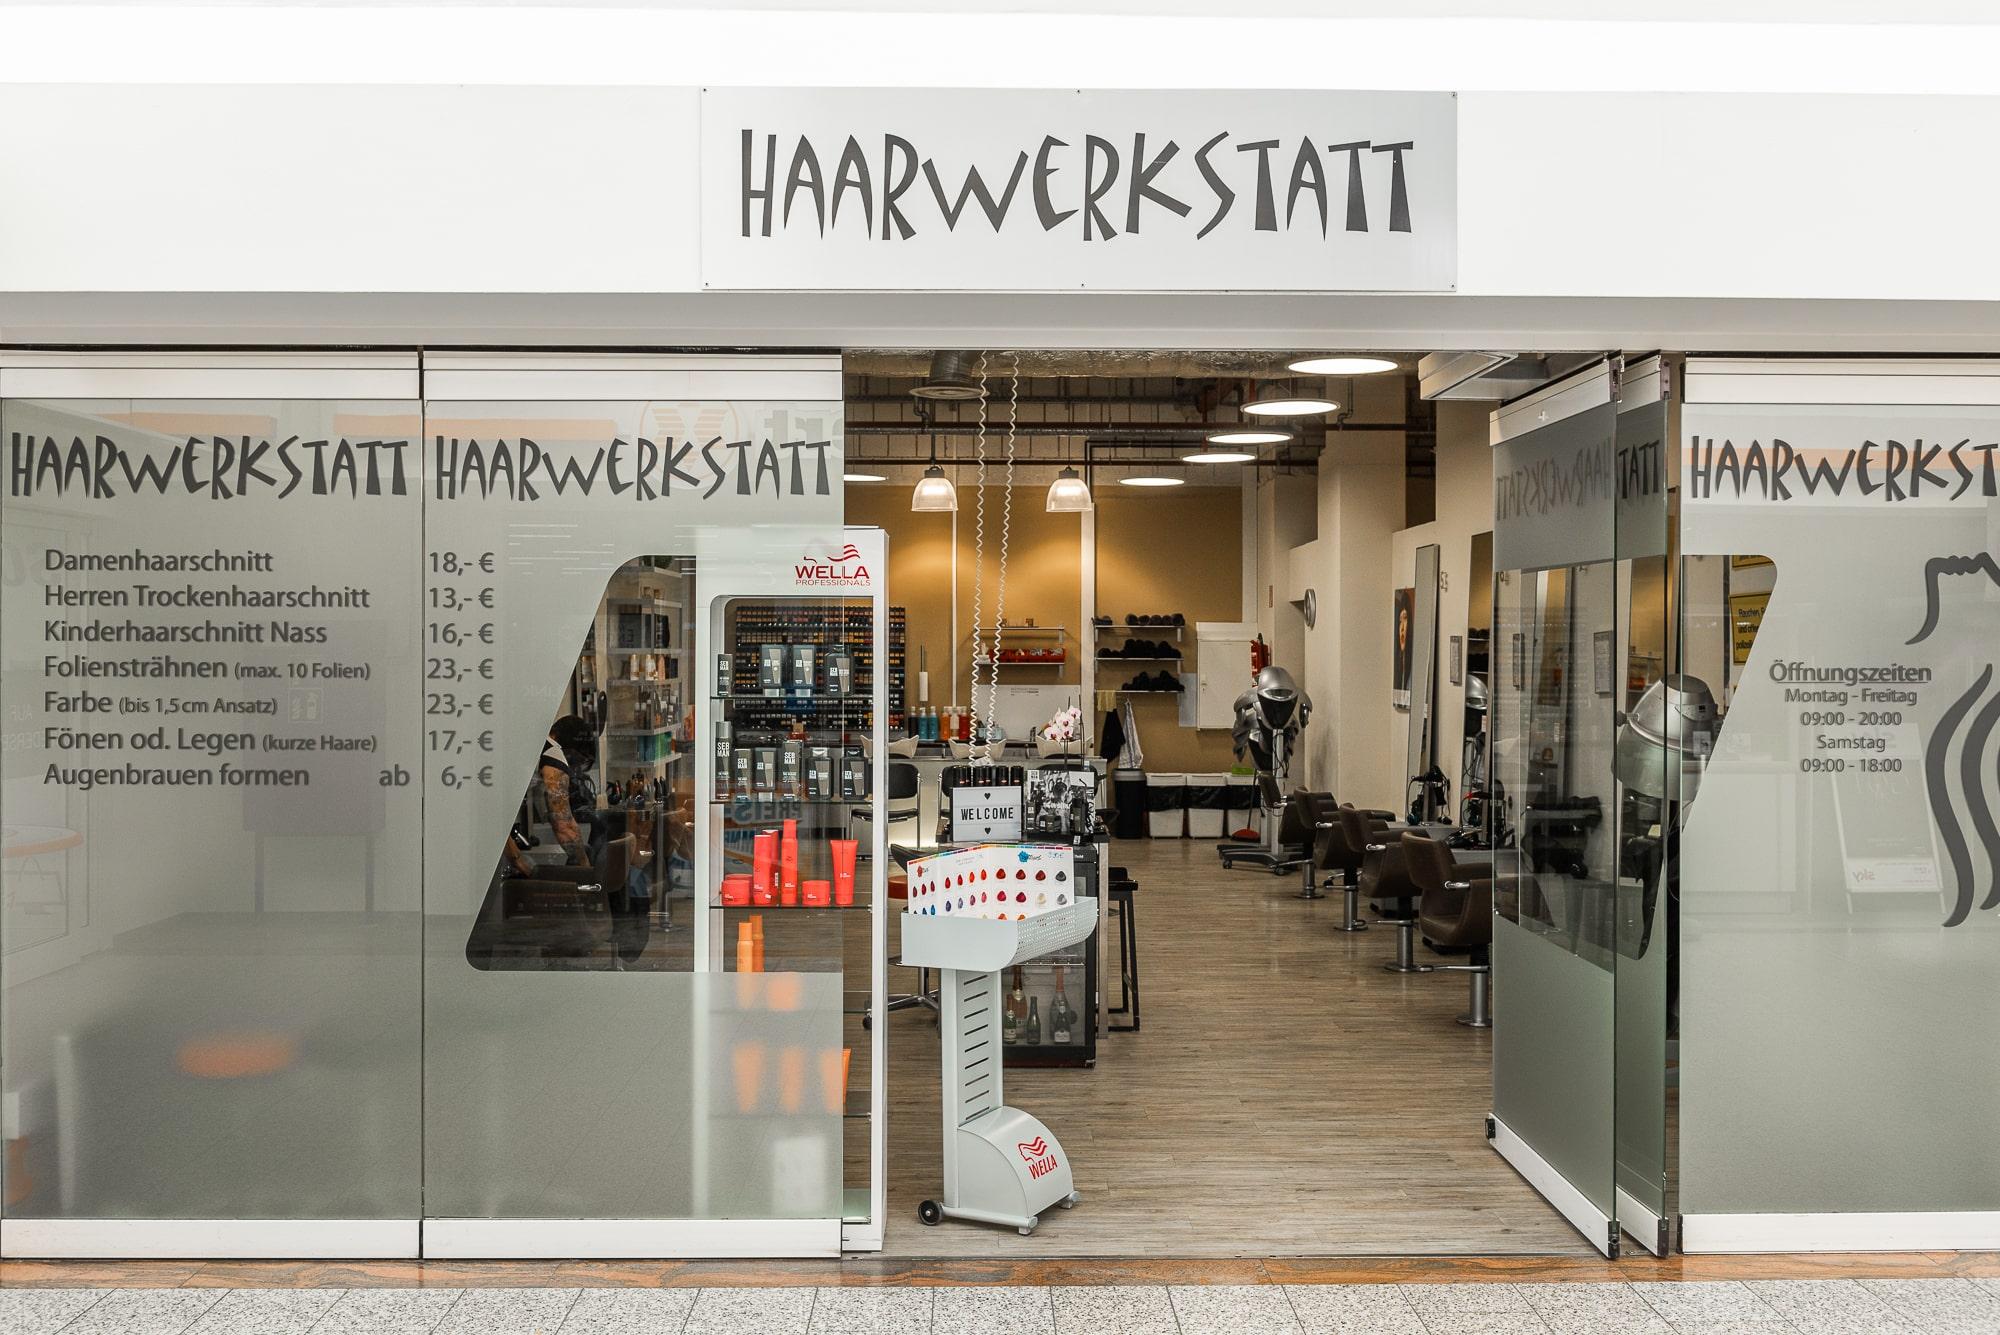 Haarwerkstatt